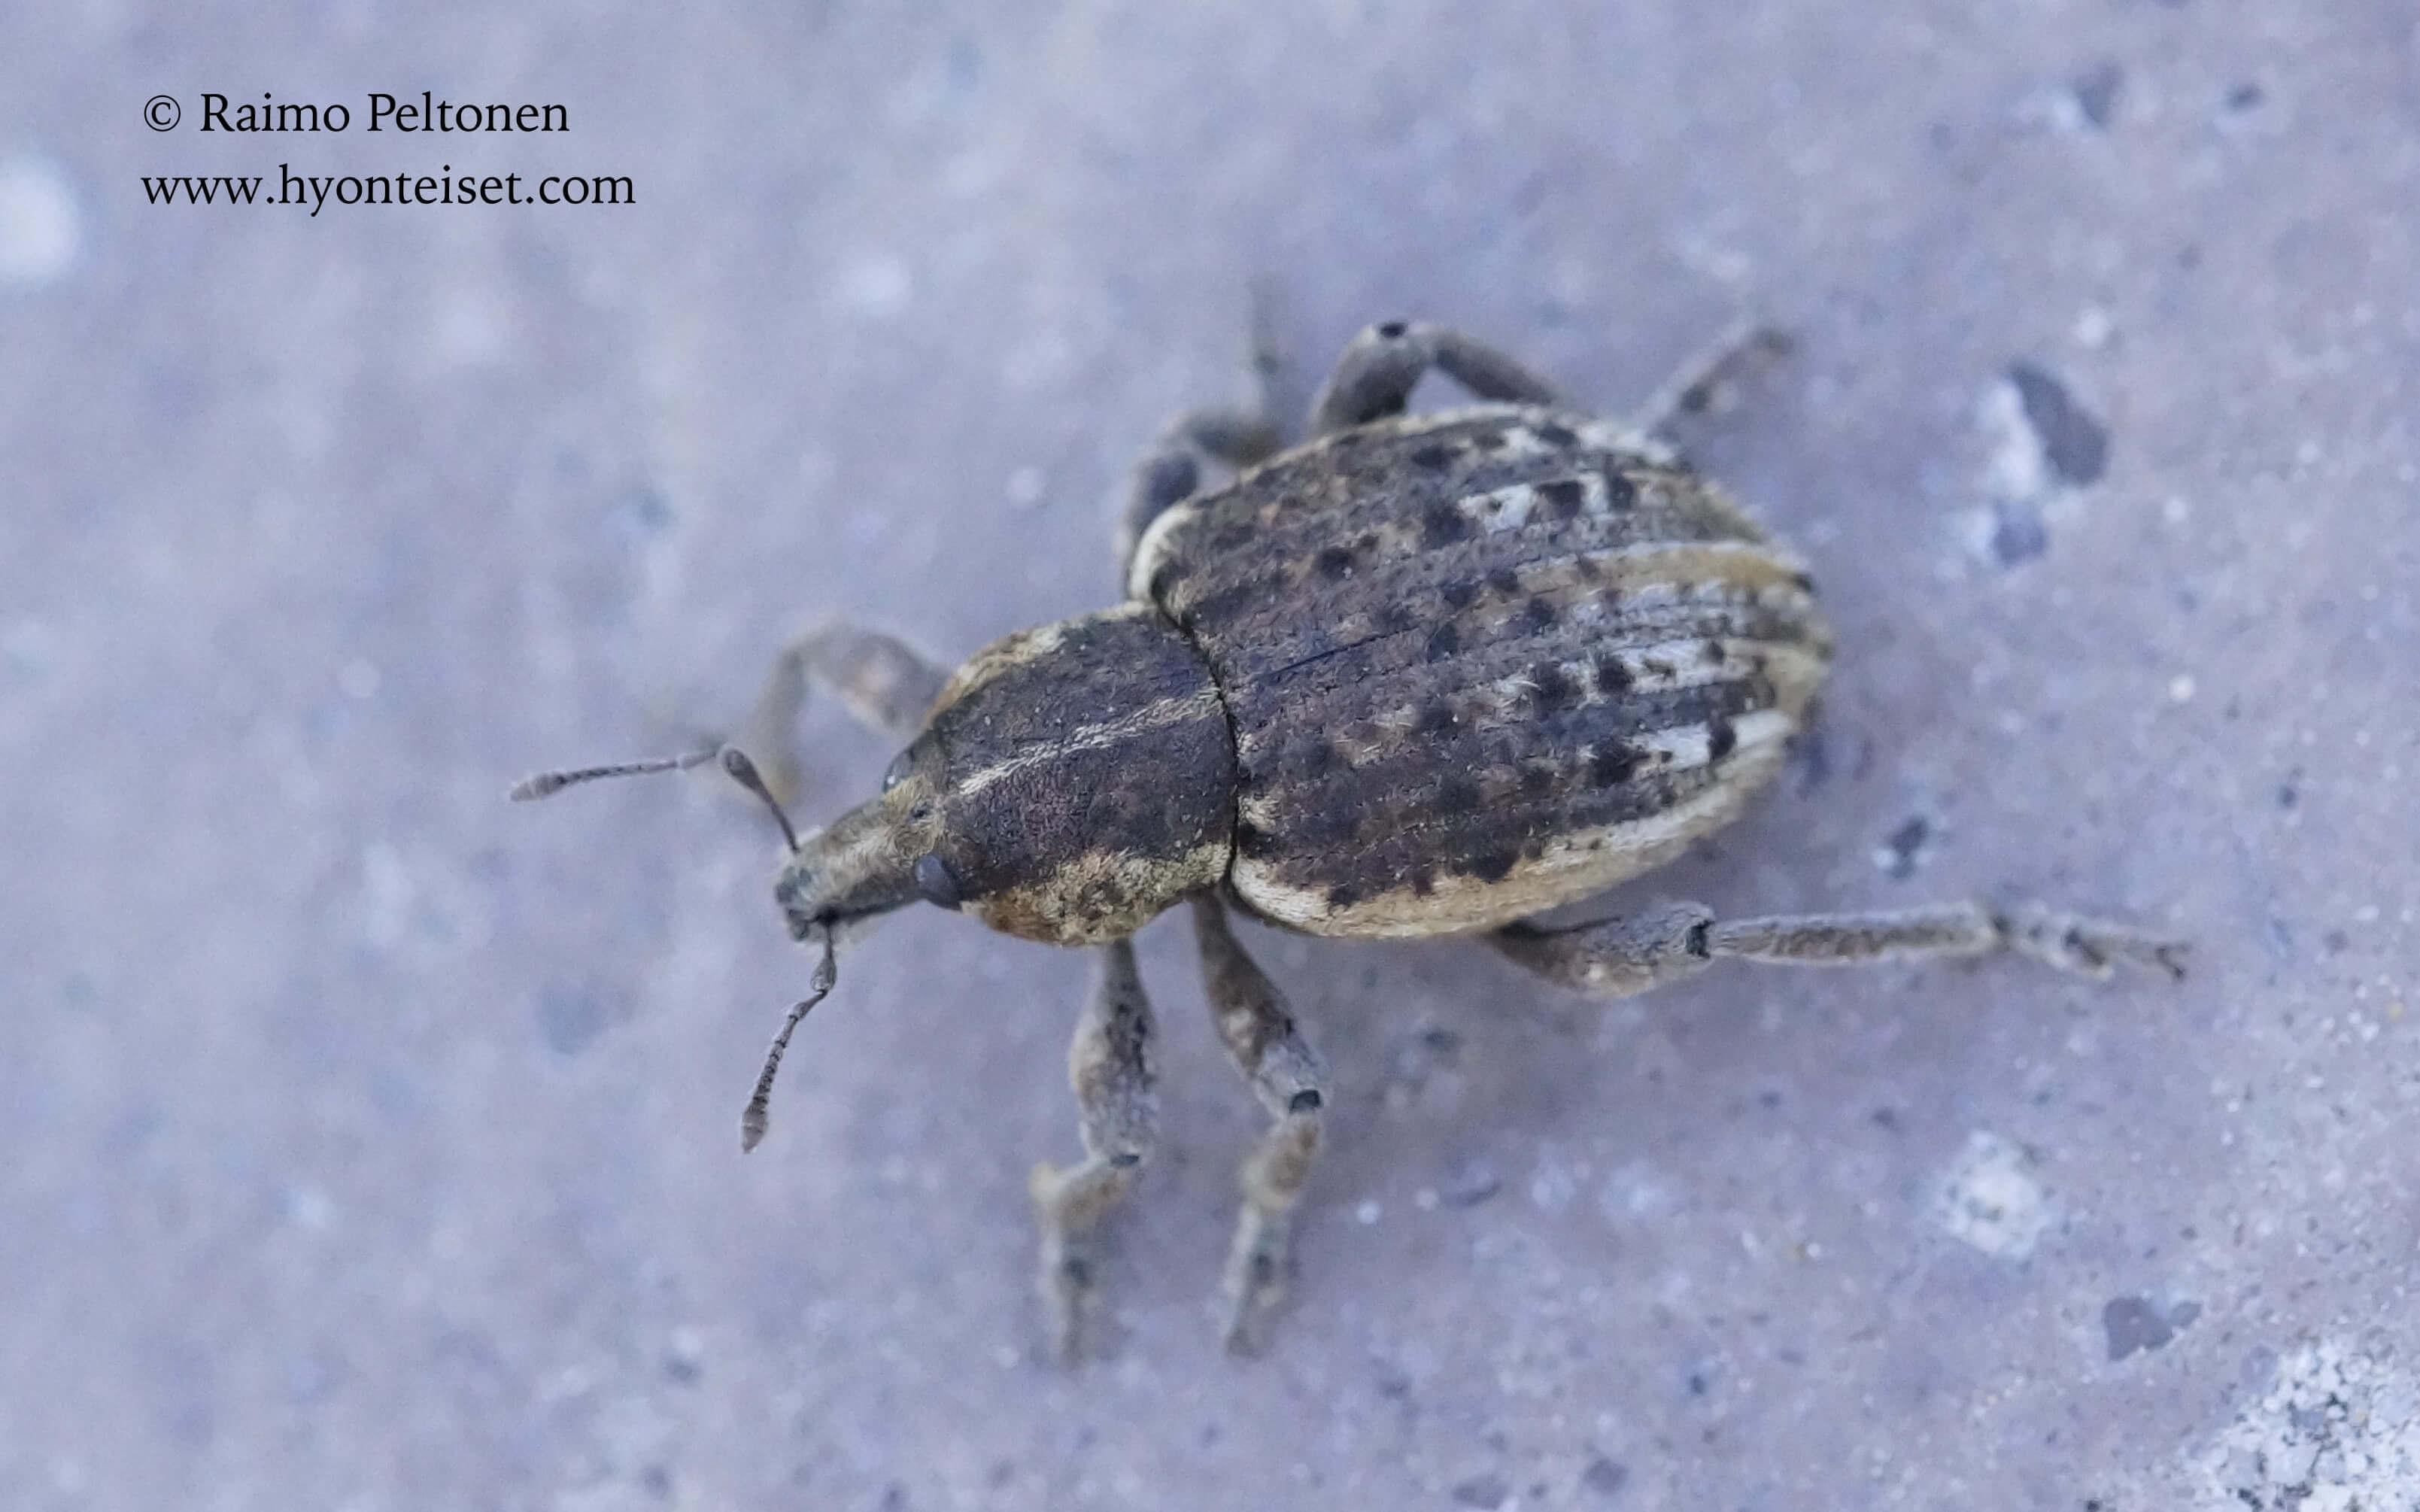 Donus zoilus (Curculionidae) (det. Thomas Legrand), 5.11.2017 Espanja